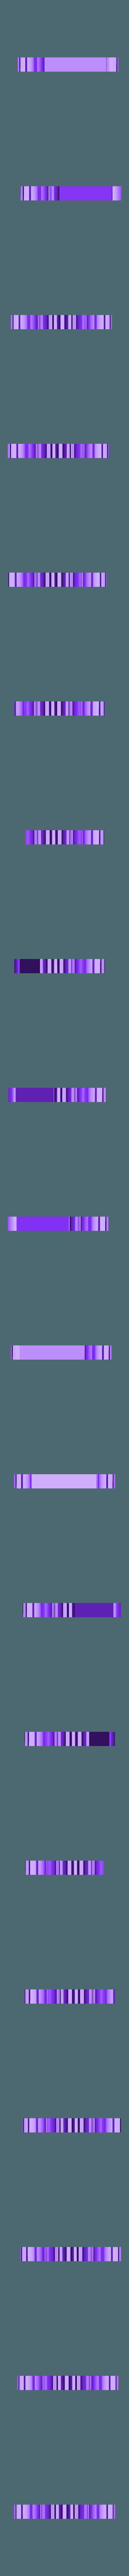 Left_Pinion.stl Télécharger fichier STL gratuit Lincoln's Revenge - Tireur d'élite à tir rapide • Plan pour imprimante 3D, ericcherry